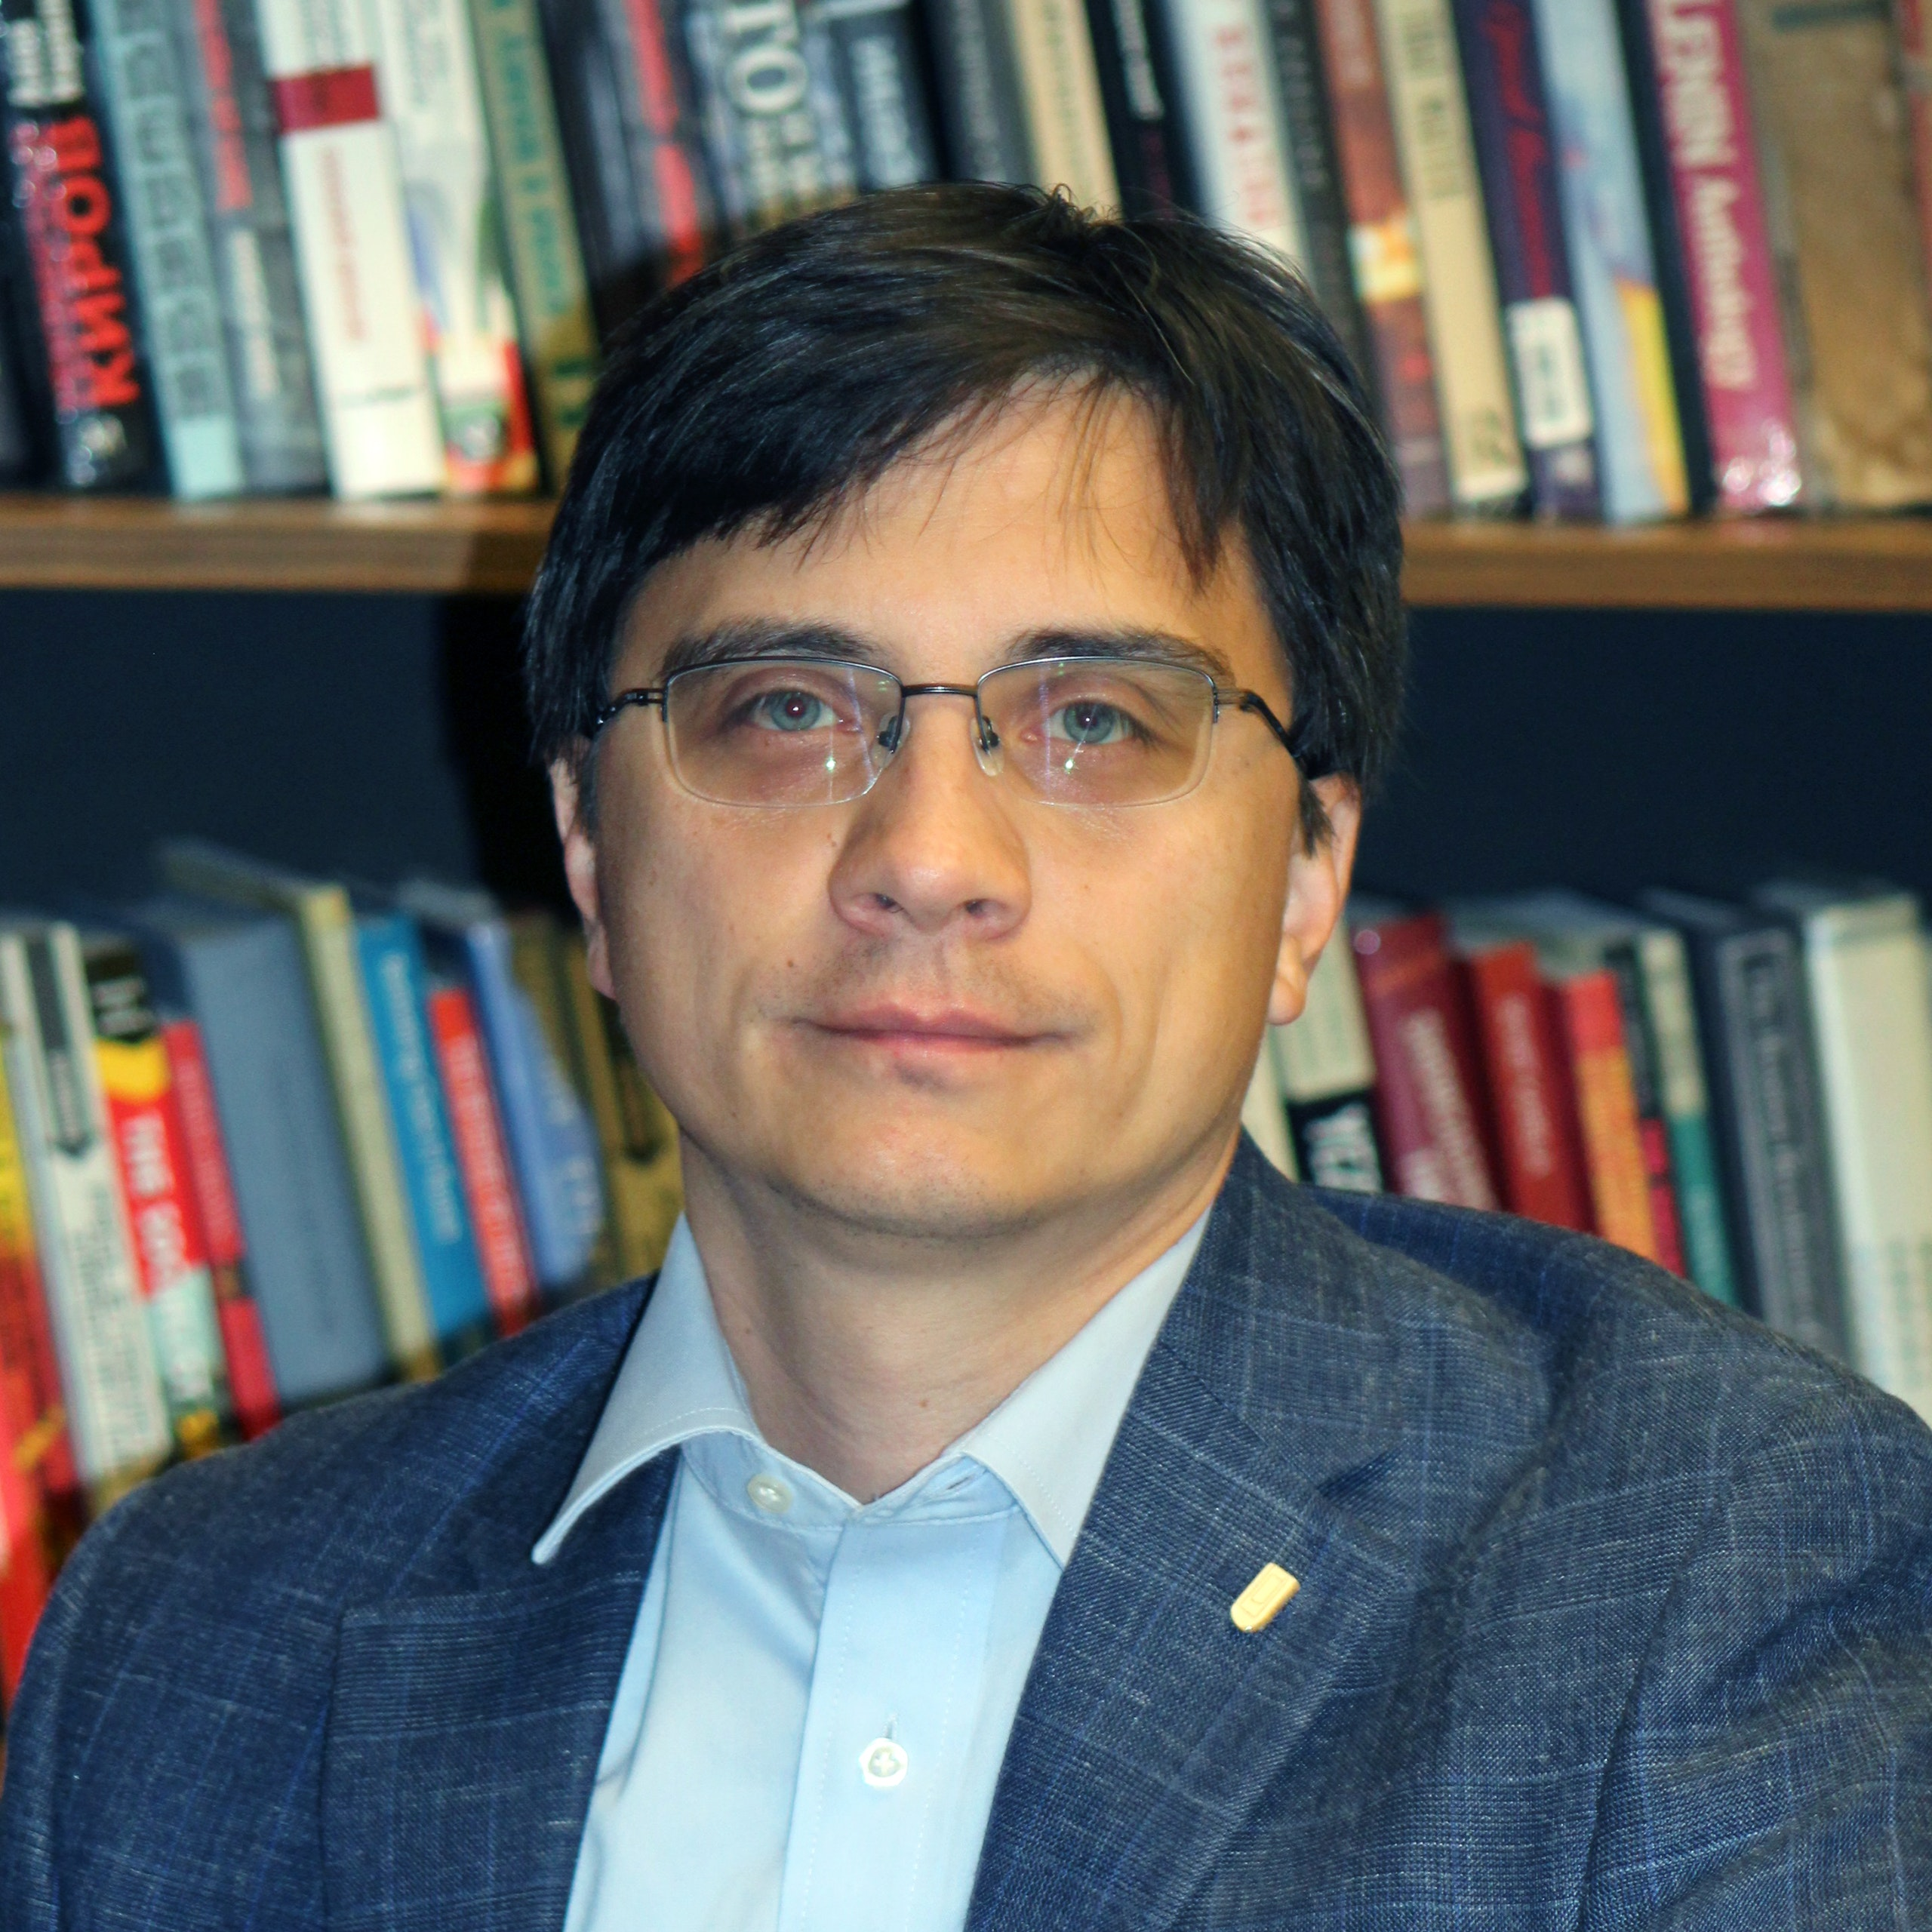 Headshot of Alexey Golubev